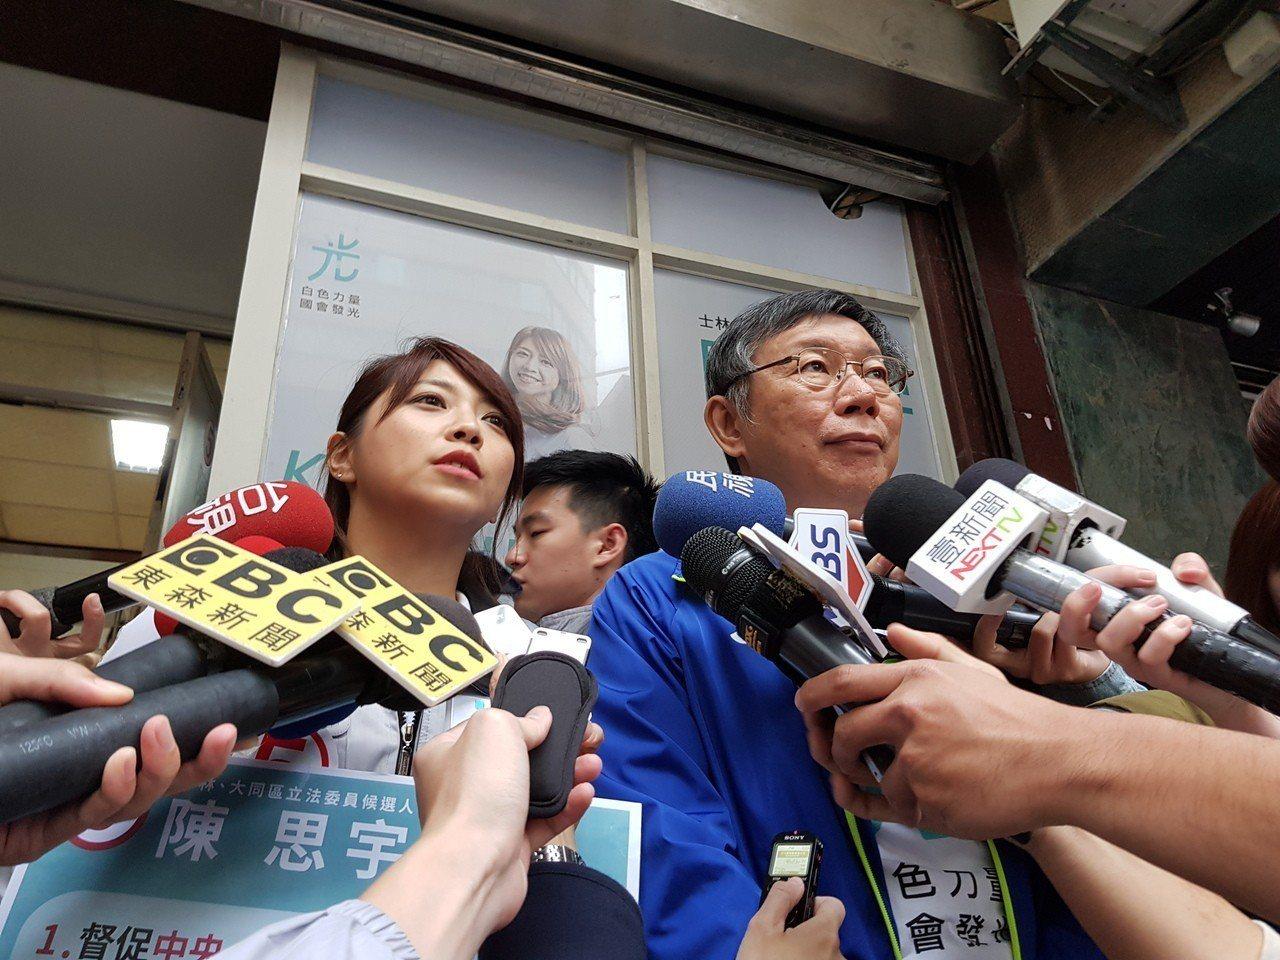 台北市立委補選藍綠白激戰,代表白色力量的無黨籍候選人陳思宇今天下午和柯一起騎Yo...